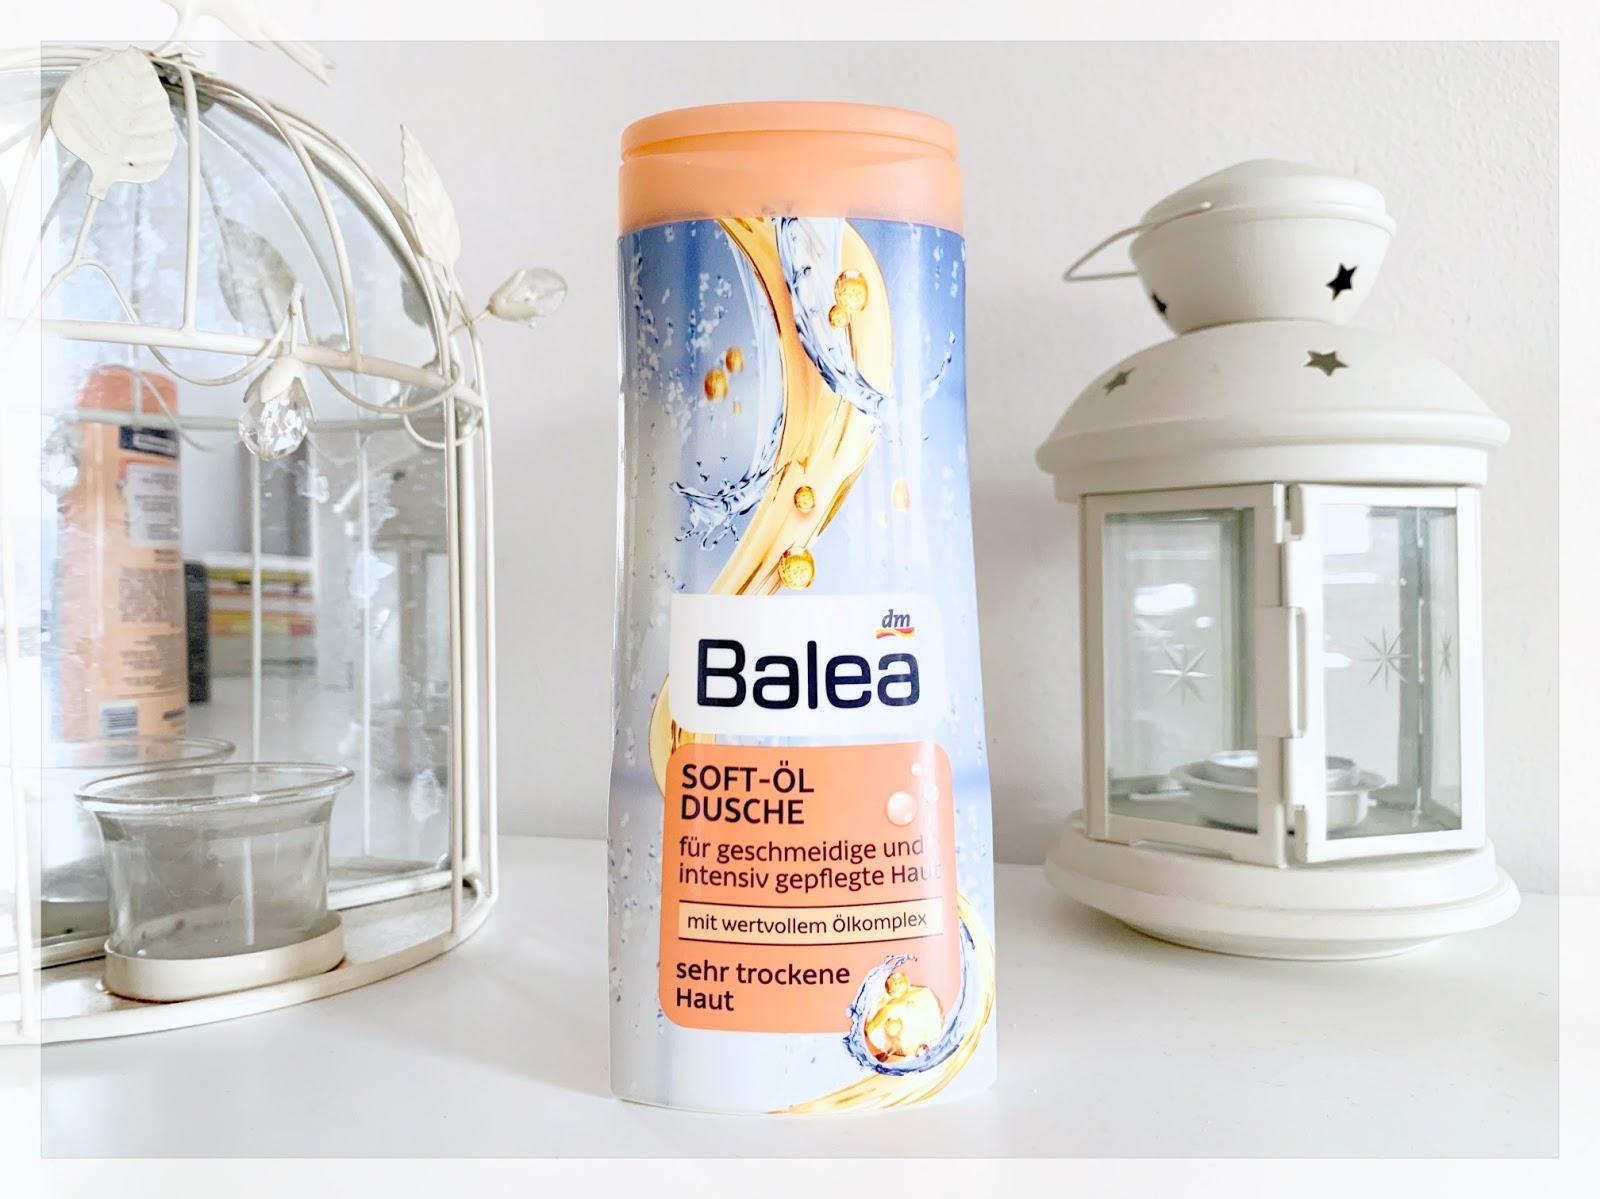 Balea żel pod prysznic Soft-Ol Dusche recenzja